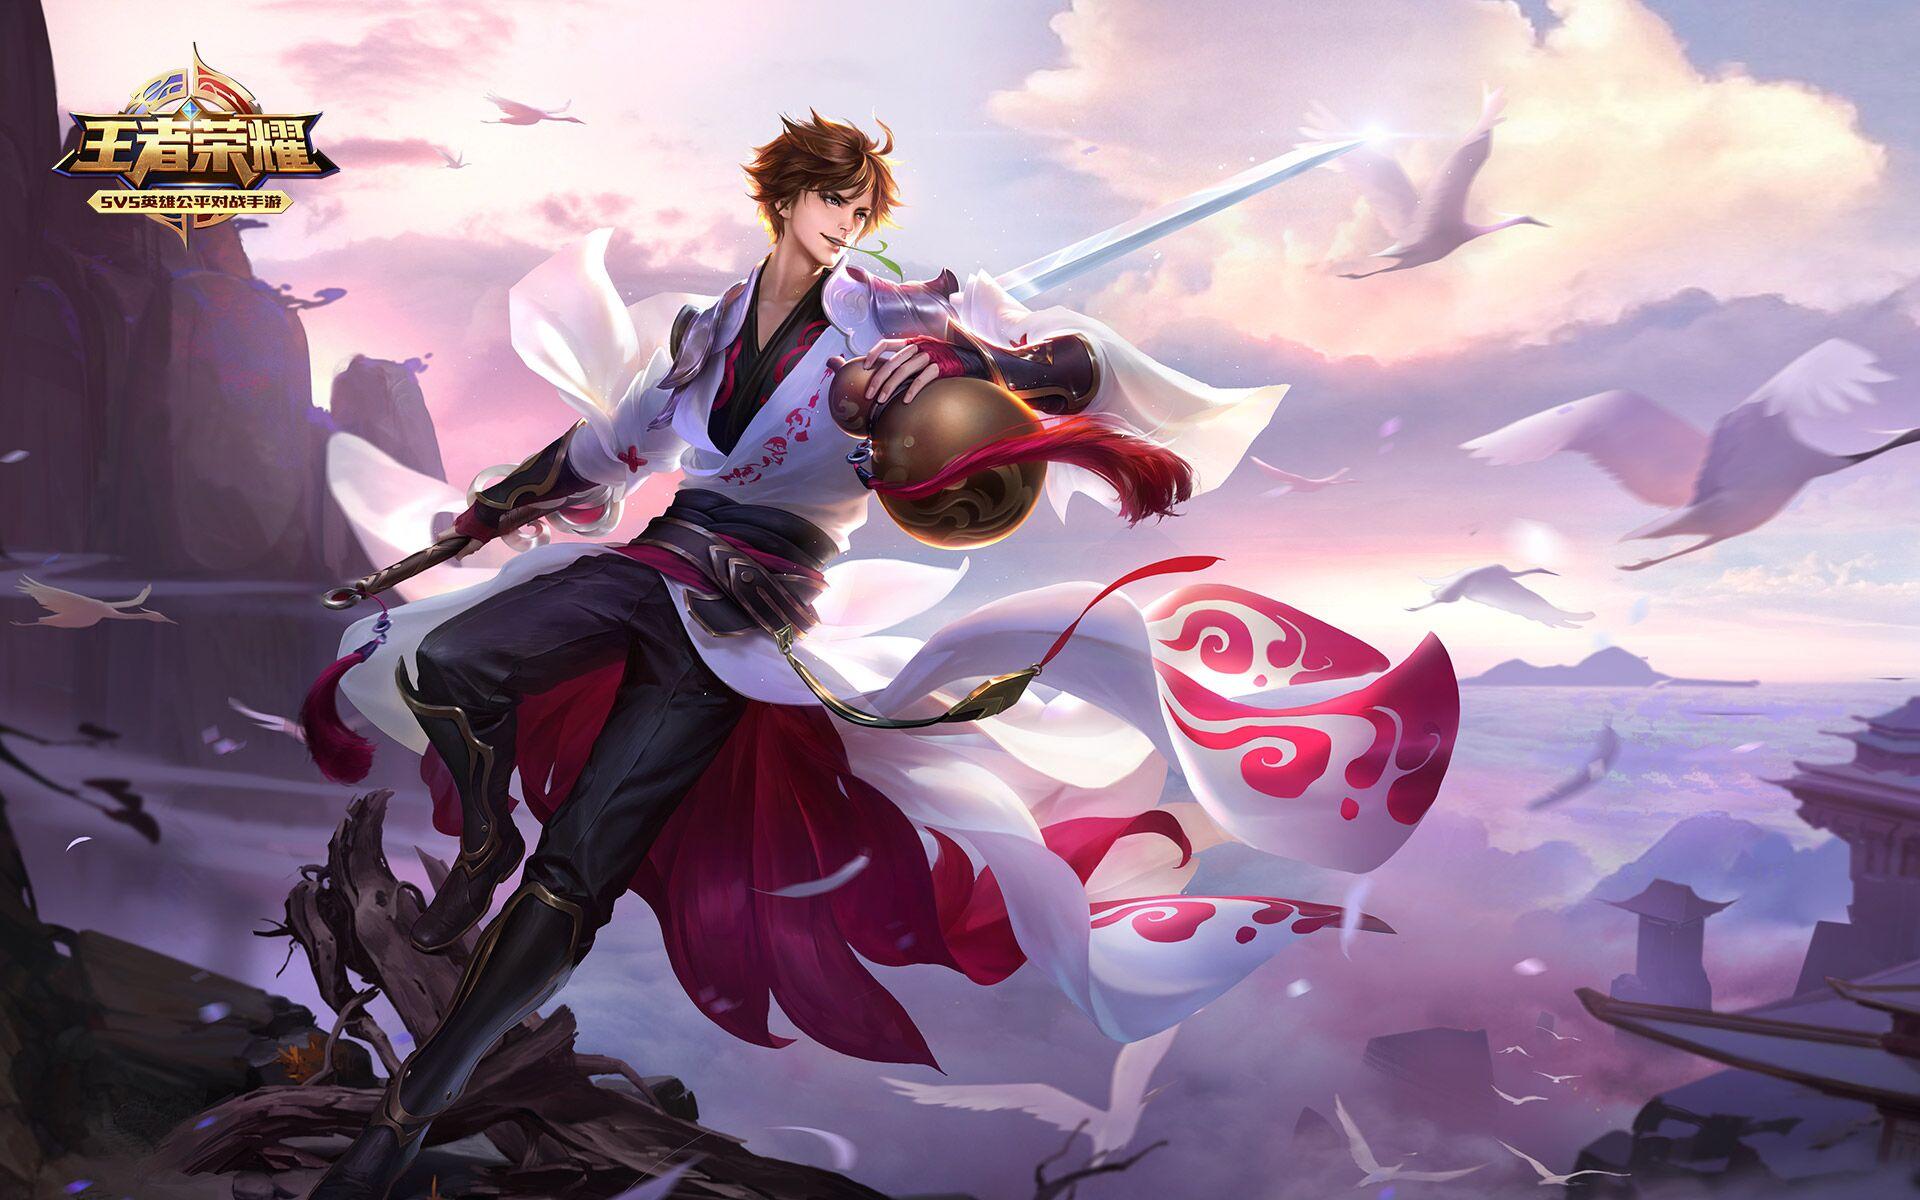 《【煜星娱乐线路】这五个王者英雄,帅到过分,第二个简直带妹神器》